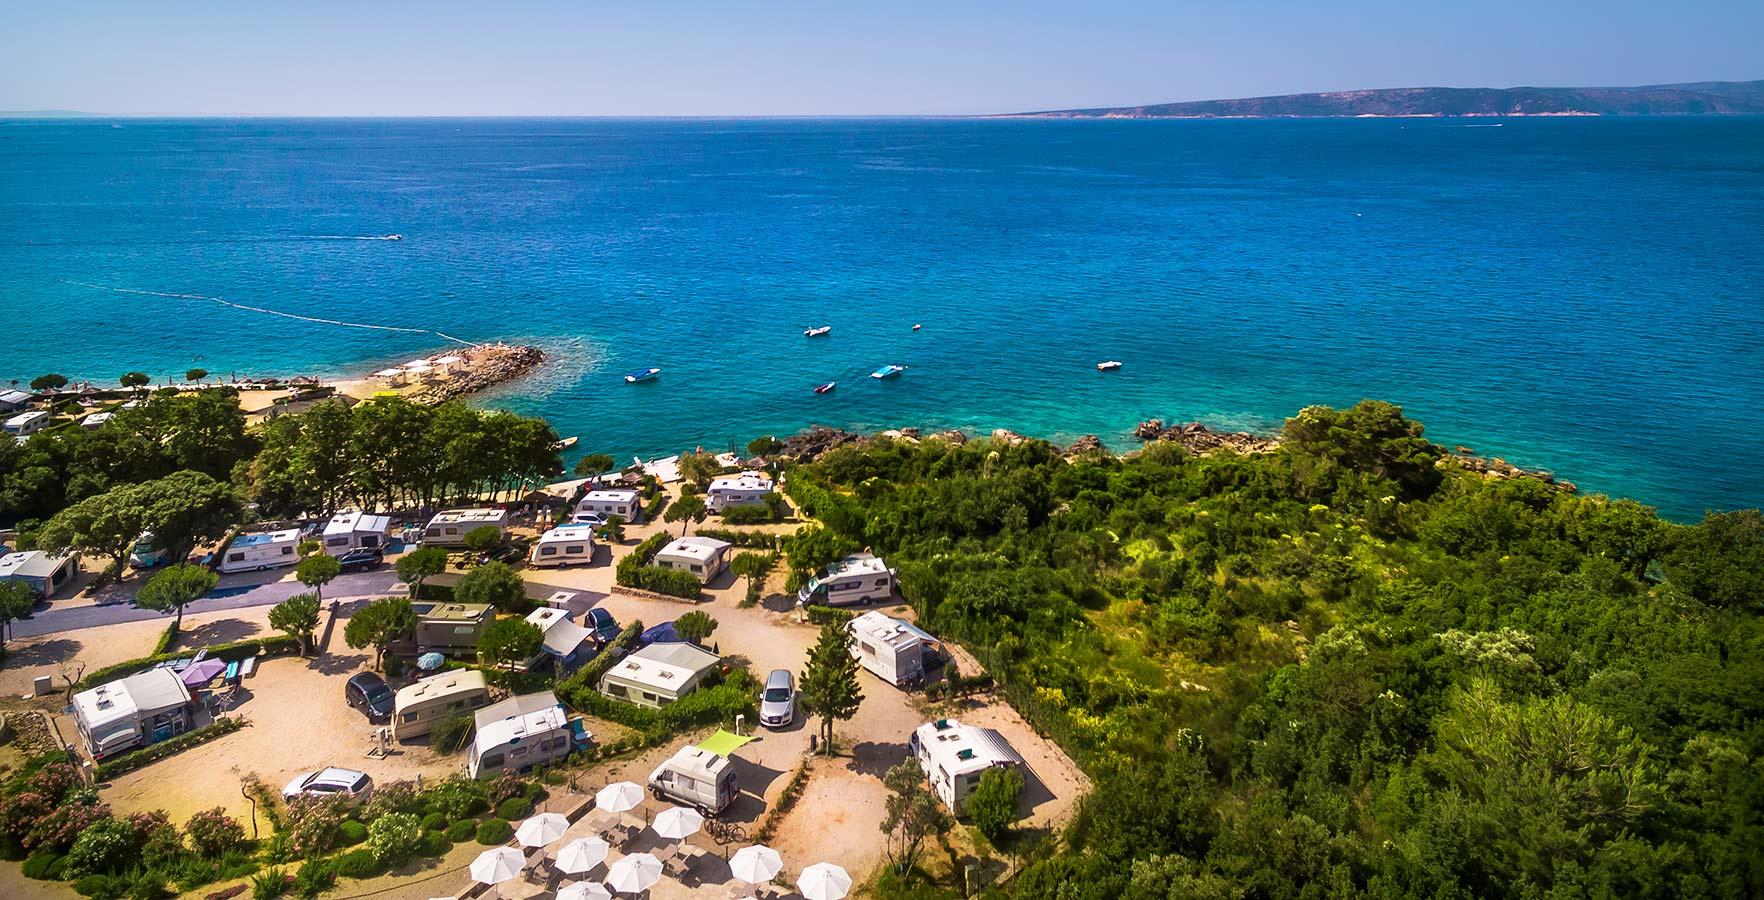 Best Campsites in Croatia - Croatian Camping Union 9e5b264a2d9d